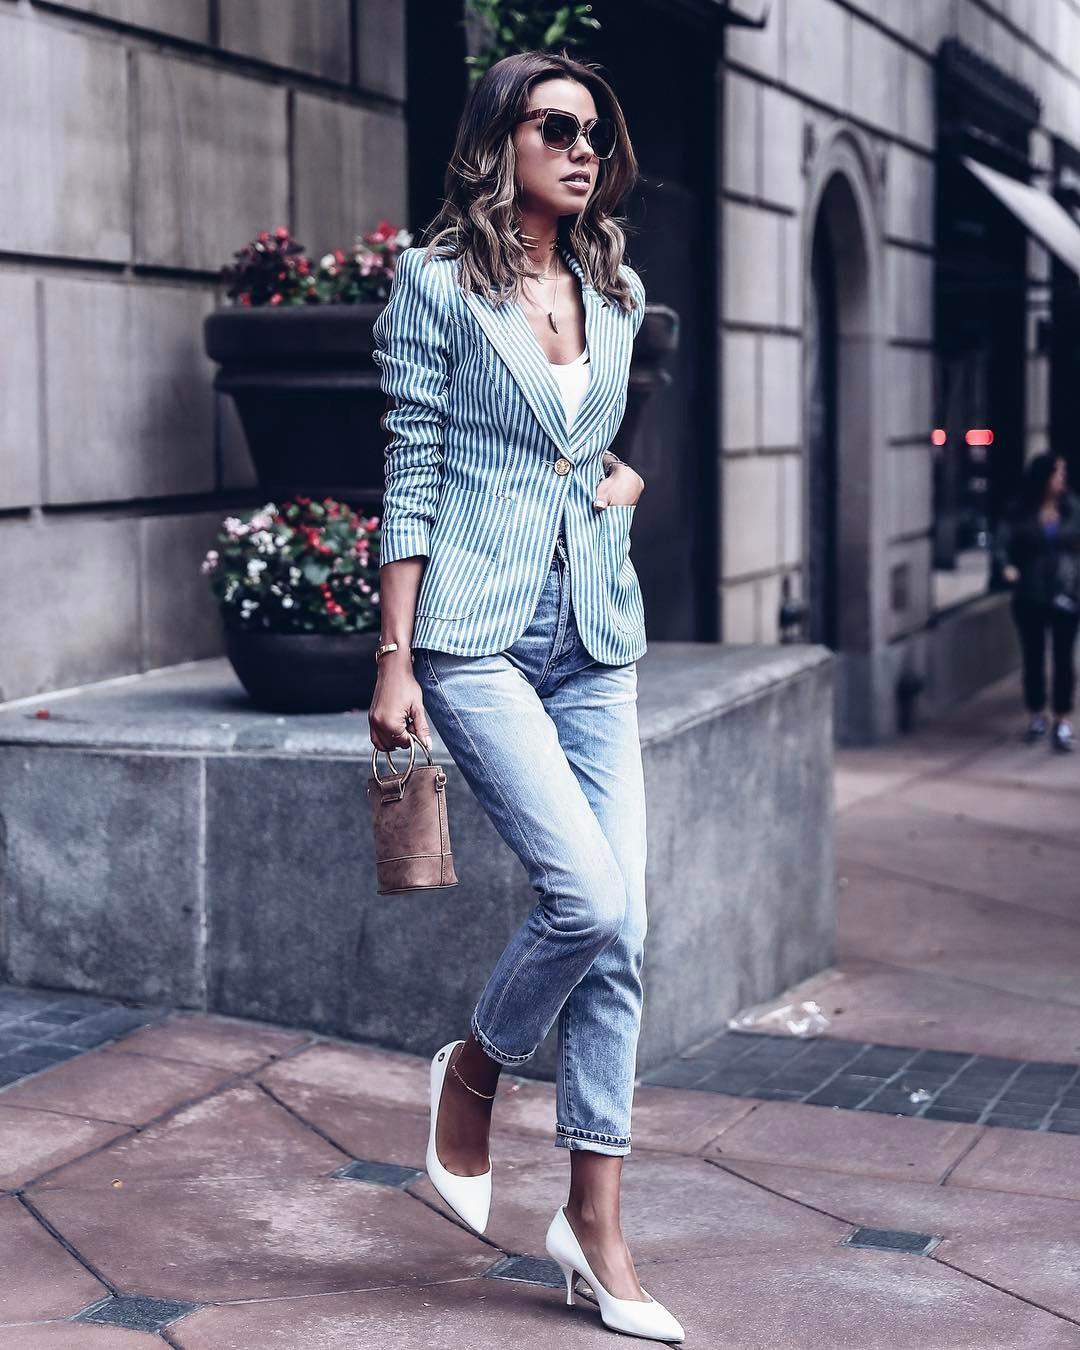 Как носить джинсы в офис, чтобы выглядеть неотразимо